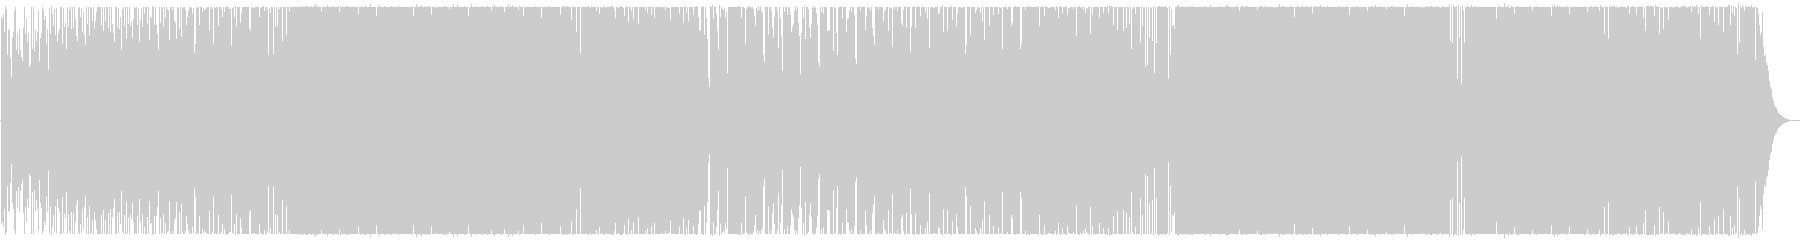 アッパーな哀愁系のピアノハウス。の未再生の波形